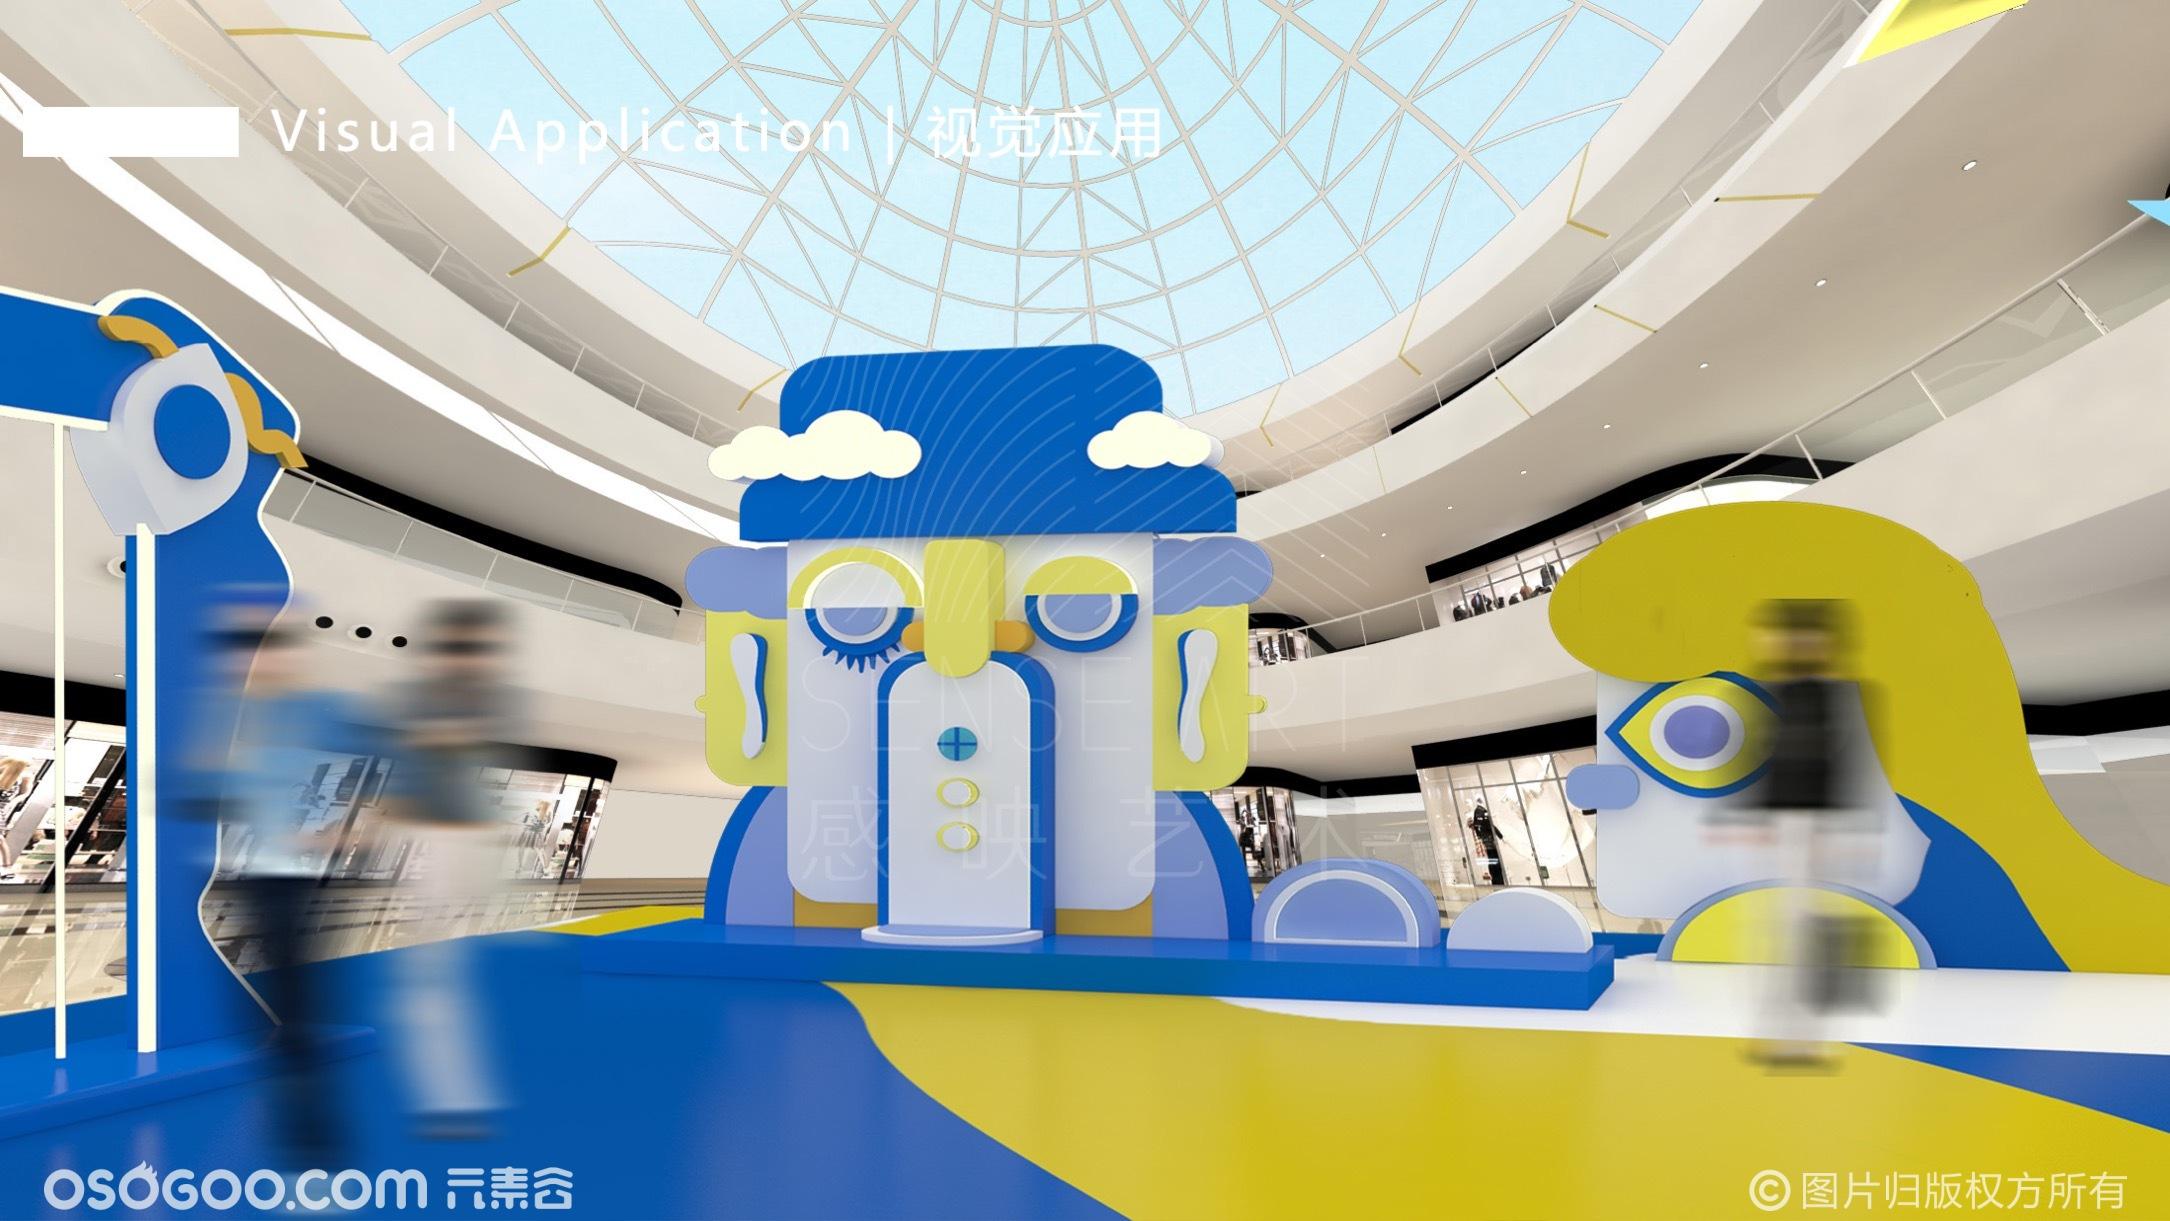 【马格利特】奇幻艺术博物馆艺术IP空间互动体验展-感映艺术